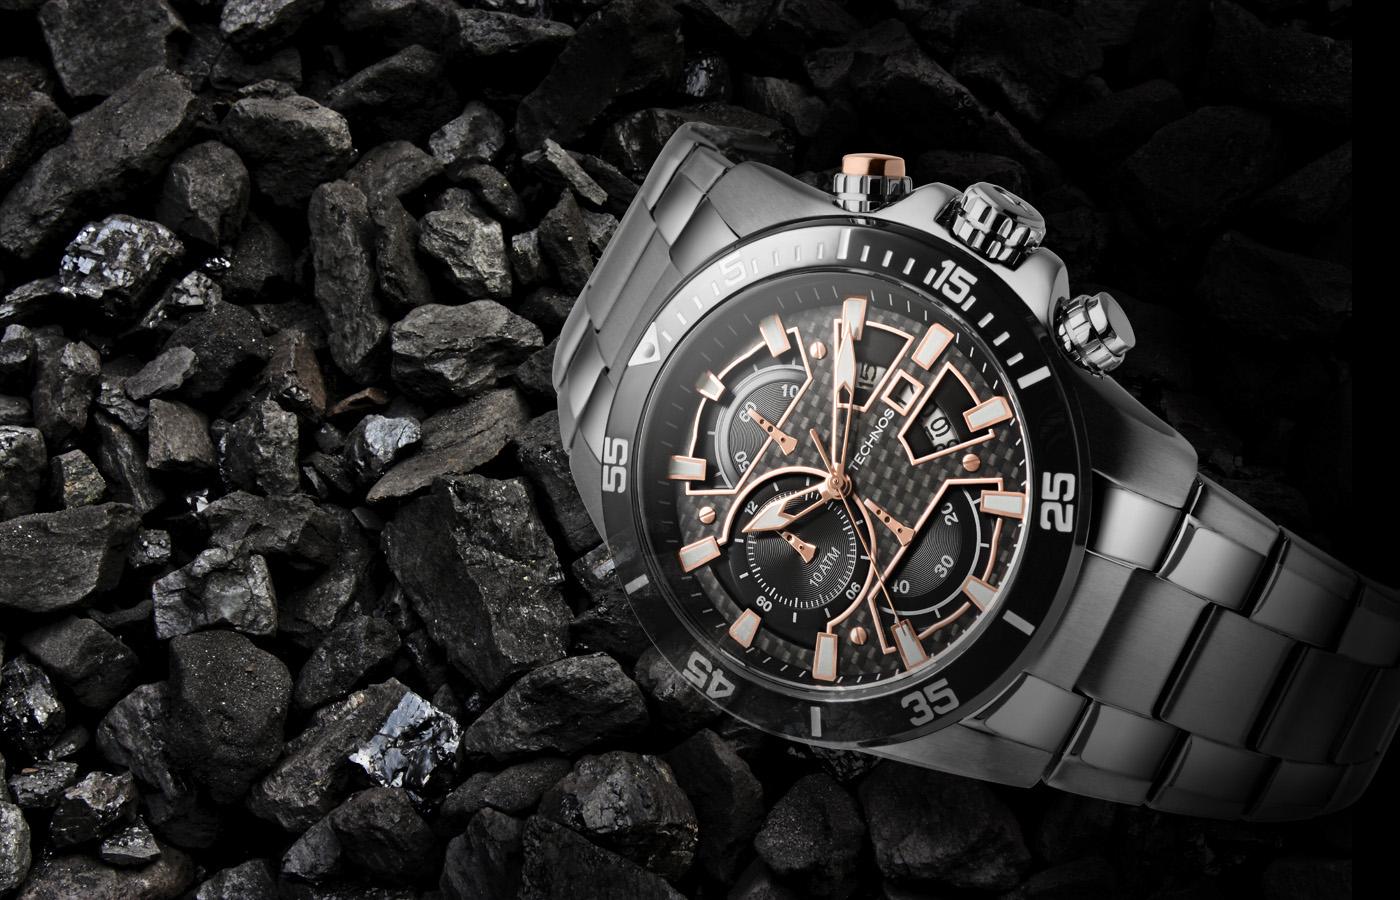 Relógios,Watches,publicidade